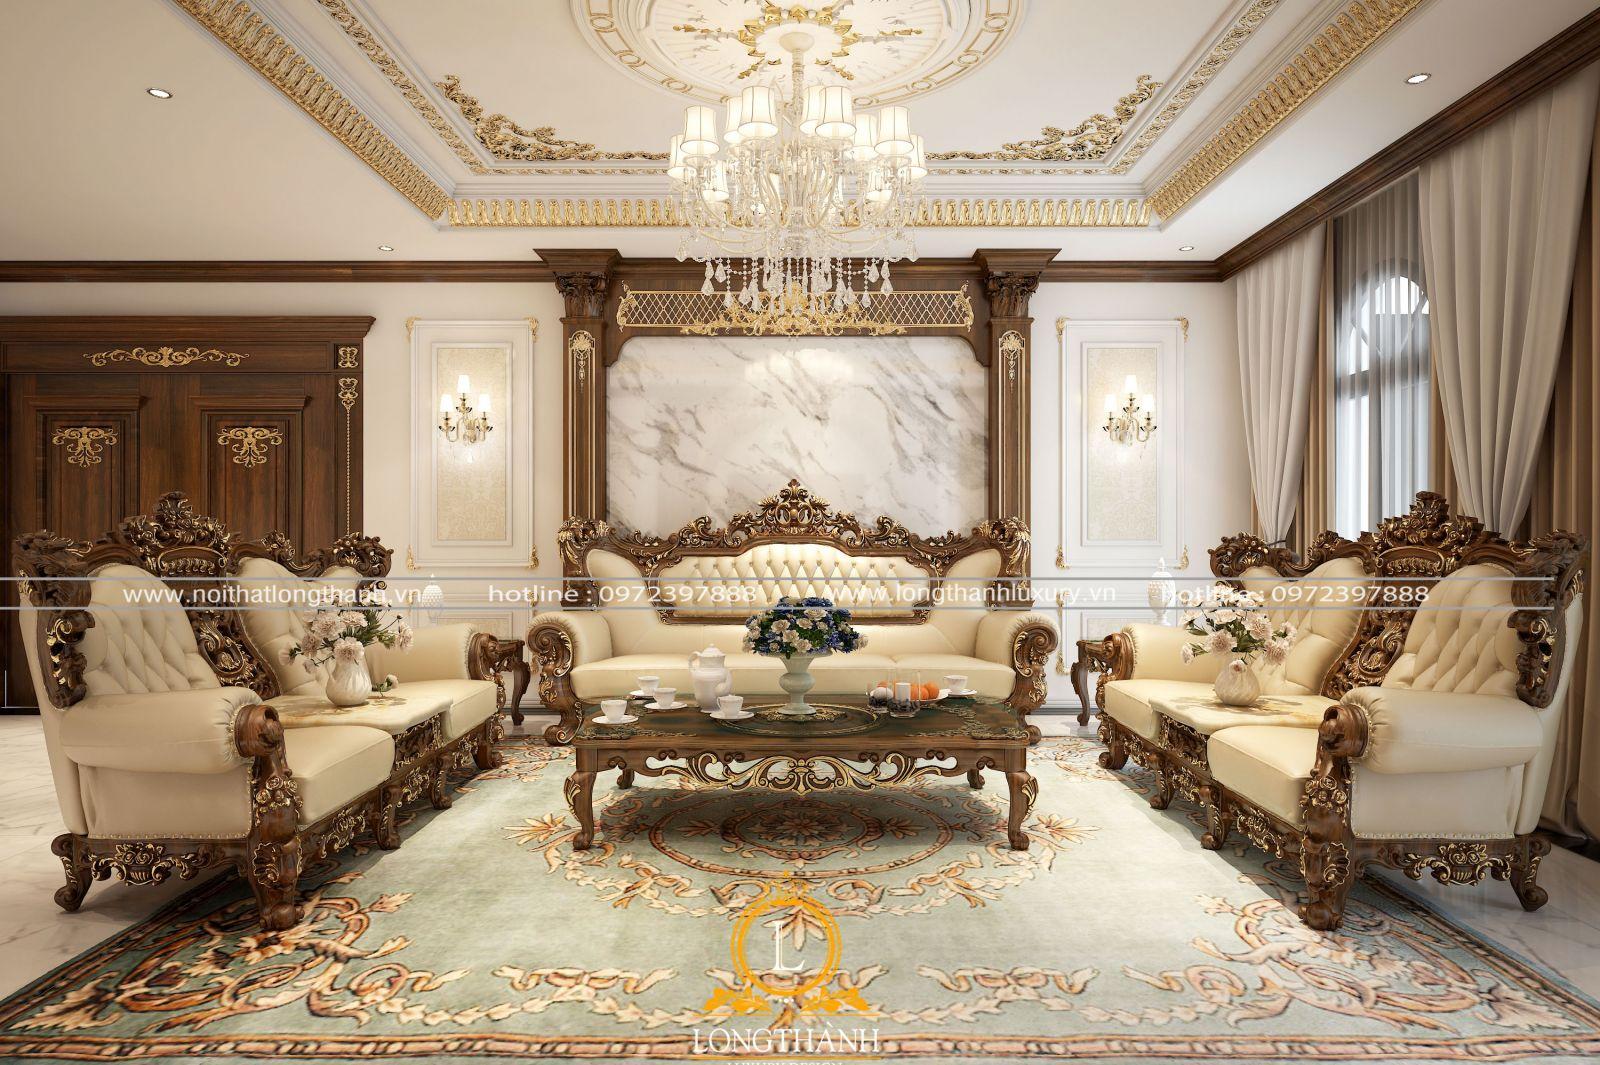 Chất liệu giấy dán tường cao cấp sử dụng cho phòng khách tân cổ điển sang trọng